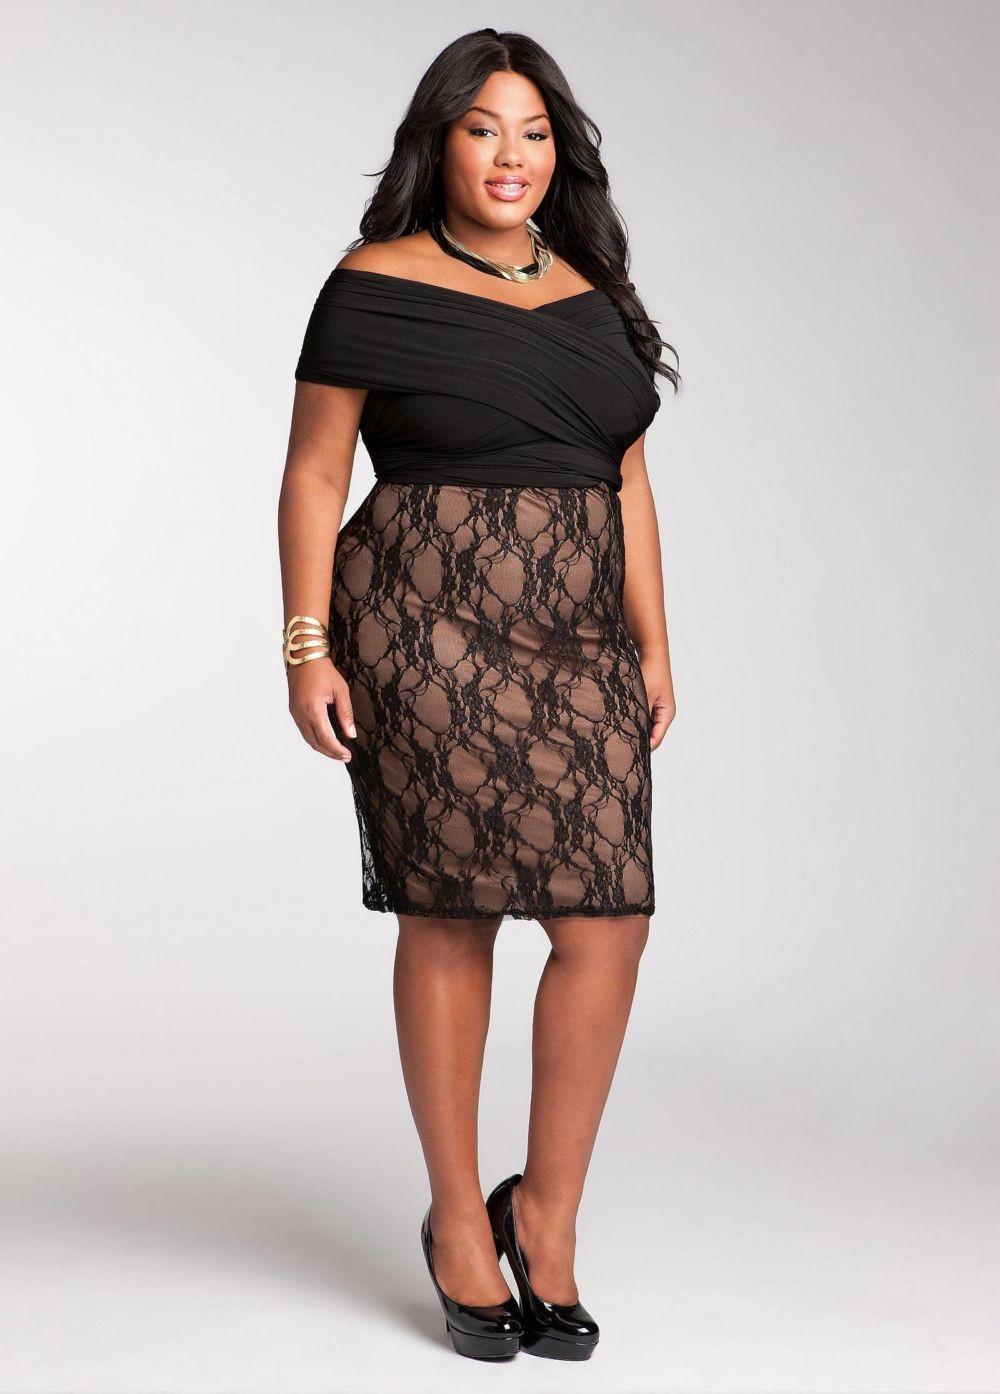 платье для пышных форм верх черный низ телесного цвета